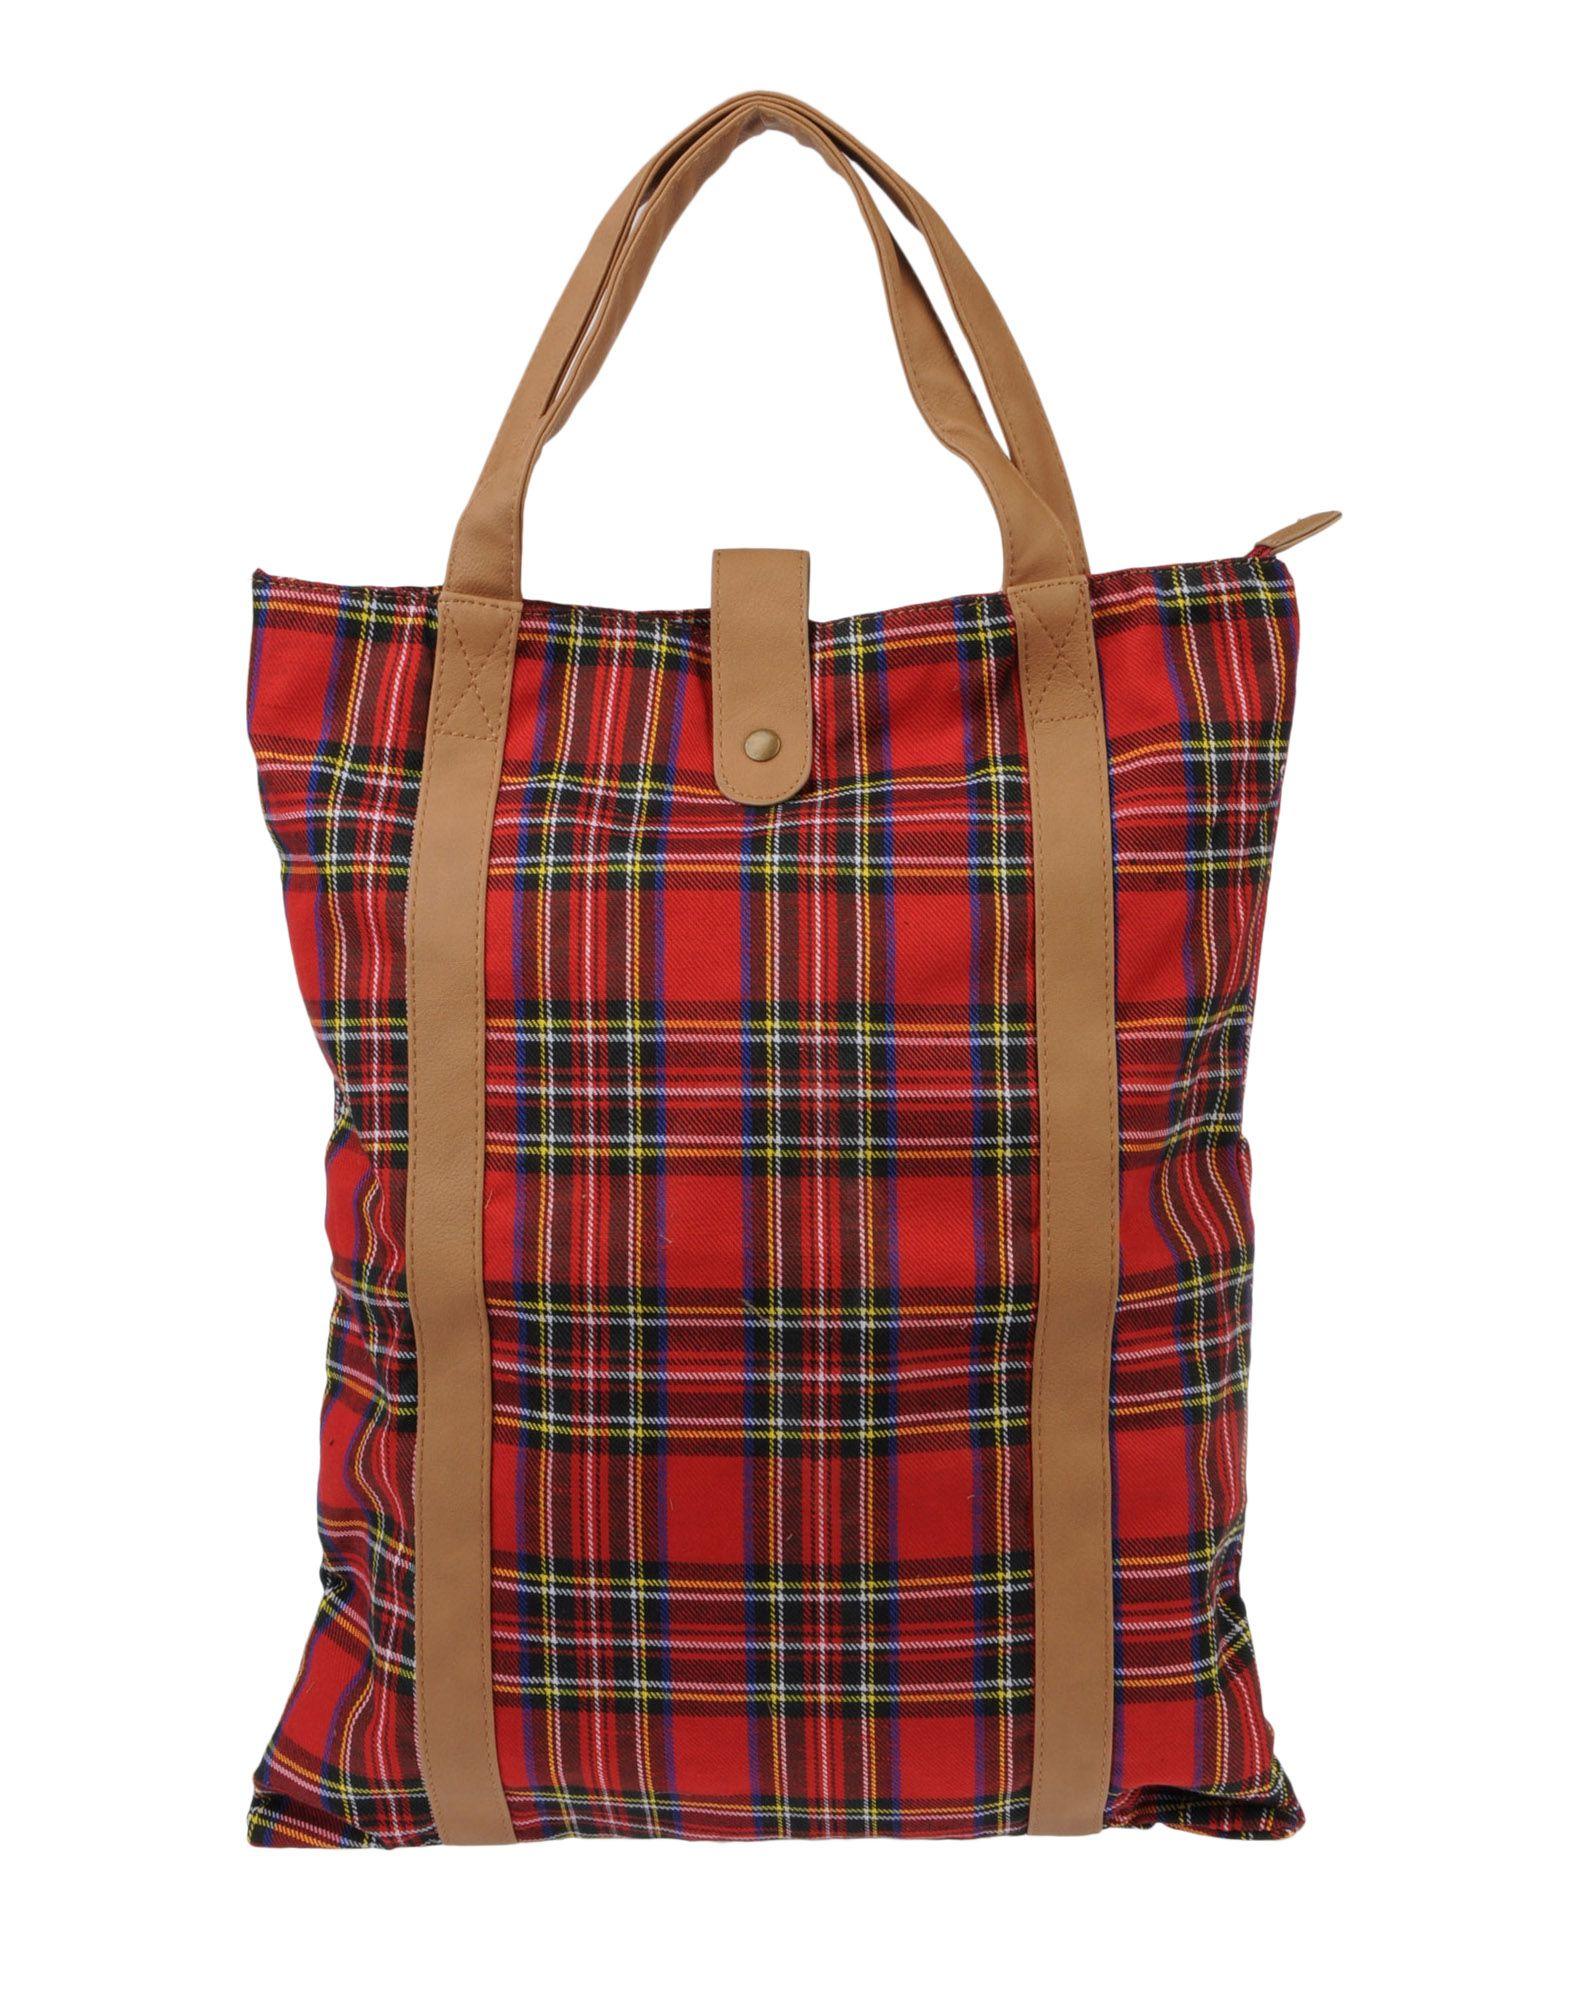 PIECES Большая сумка из текстиля сумки pieces сумка page 8